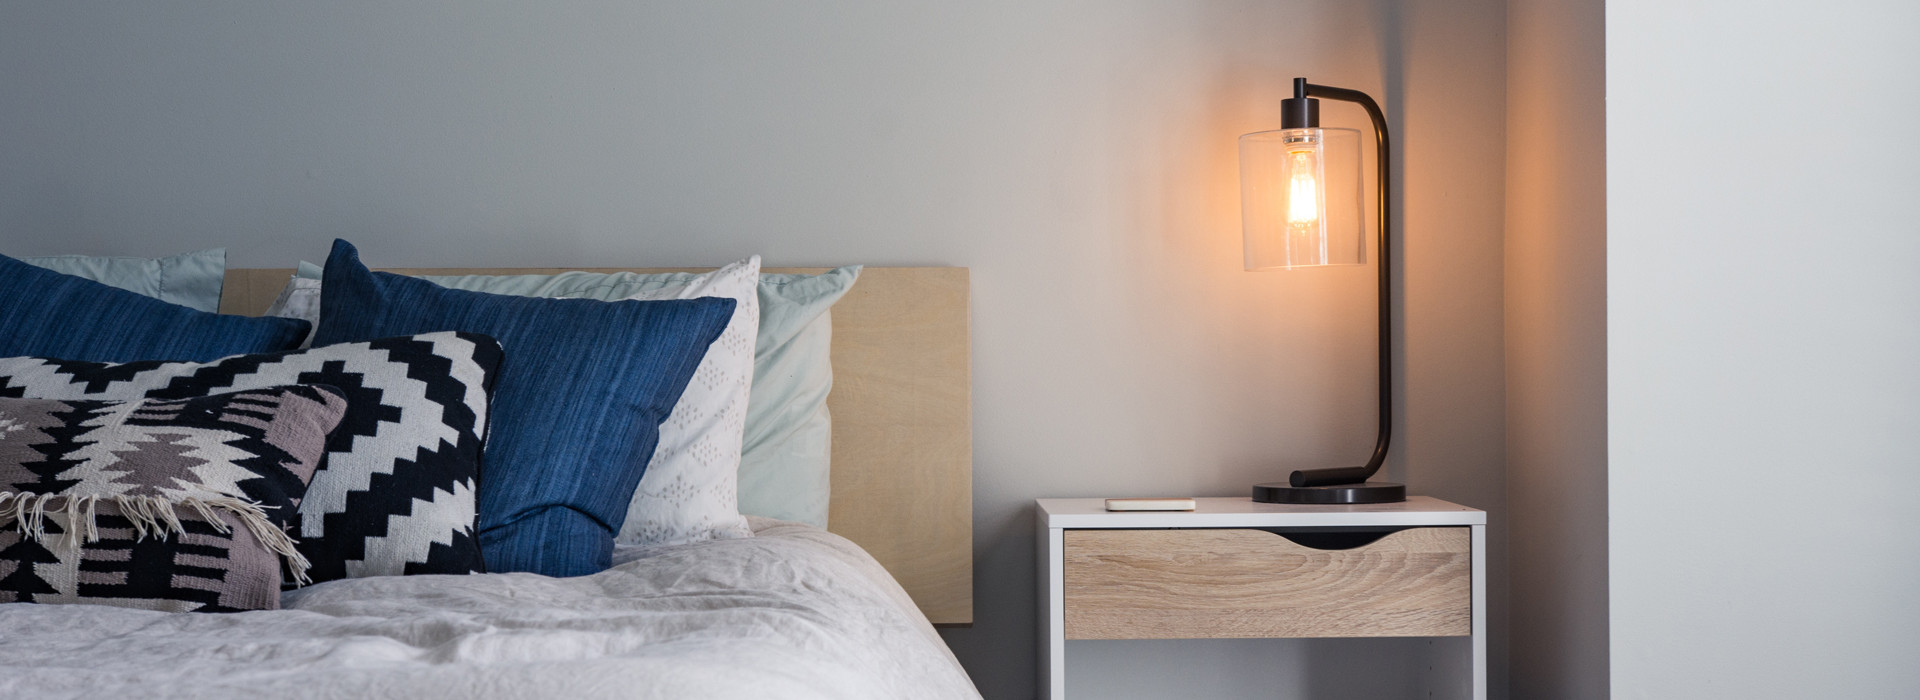 blaue Kissen liegen auf einem Bett im Hotelzimmer, rechts brennt ein eine Nachttischlampe